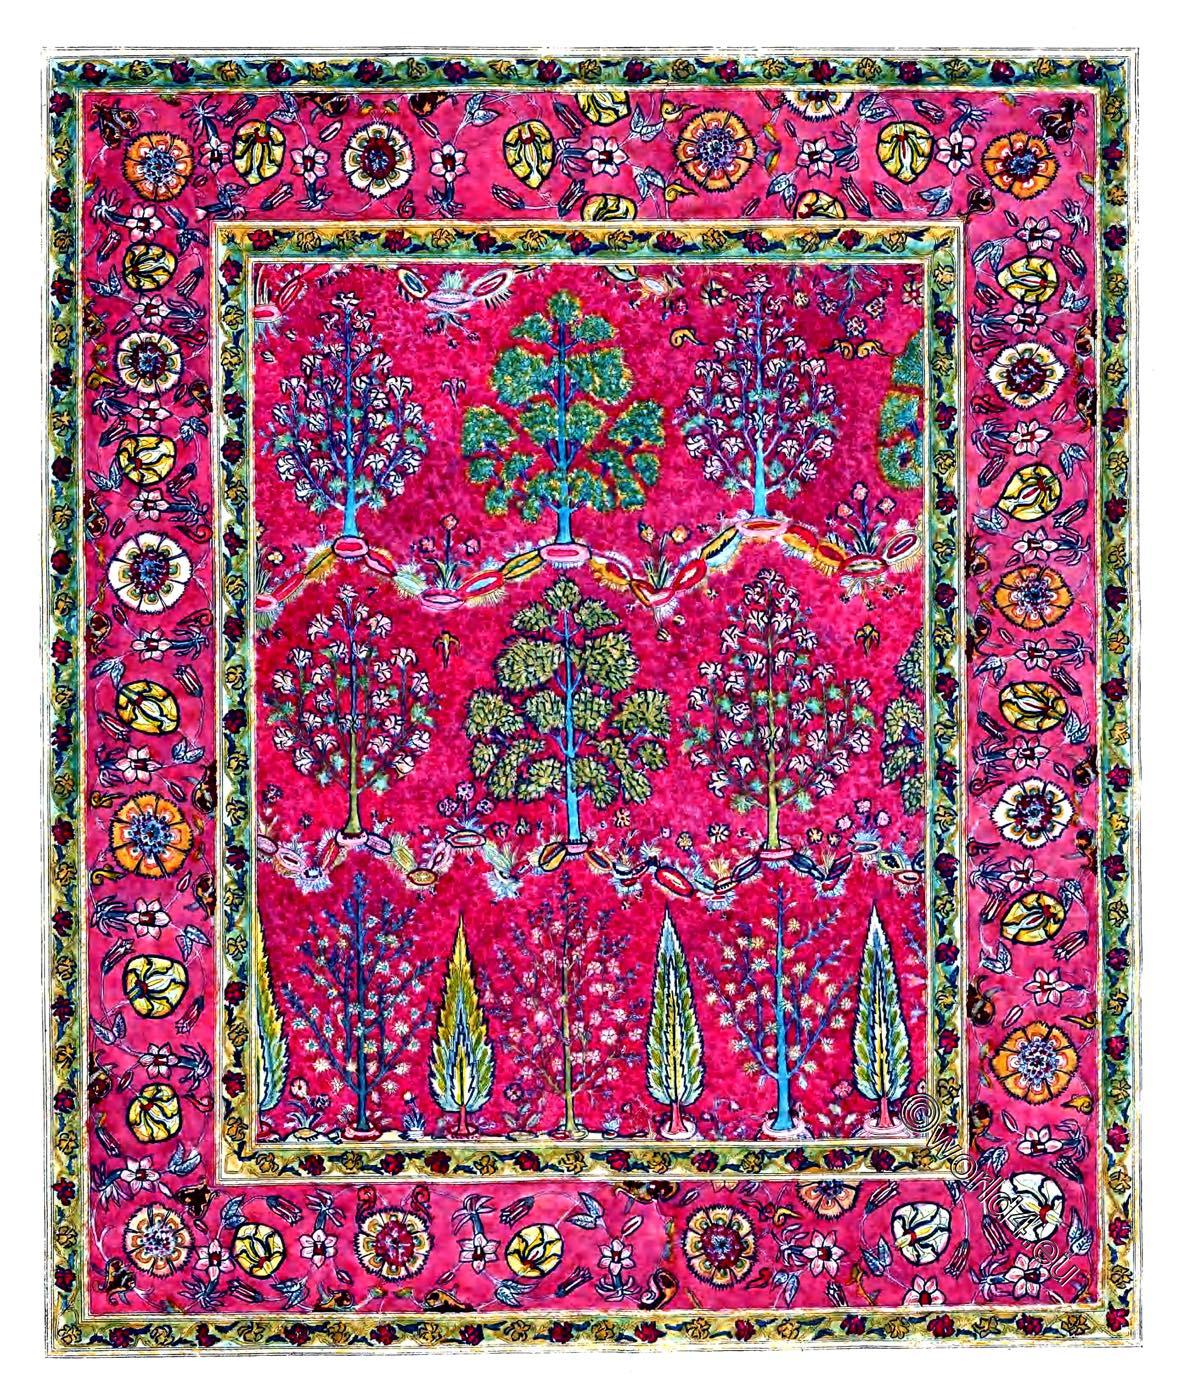 silk, carpet, 16th century, antique, persia, iran